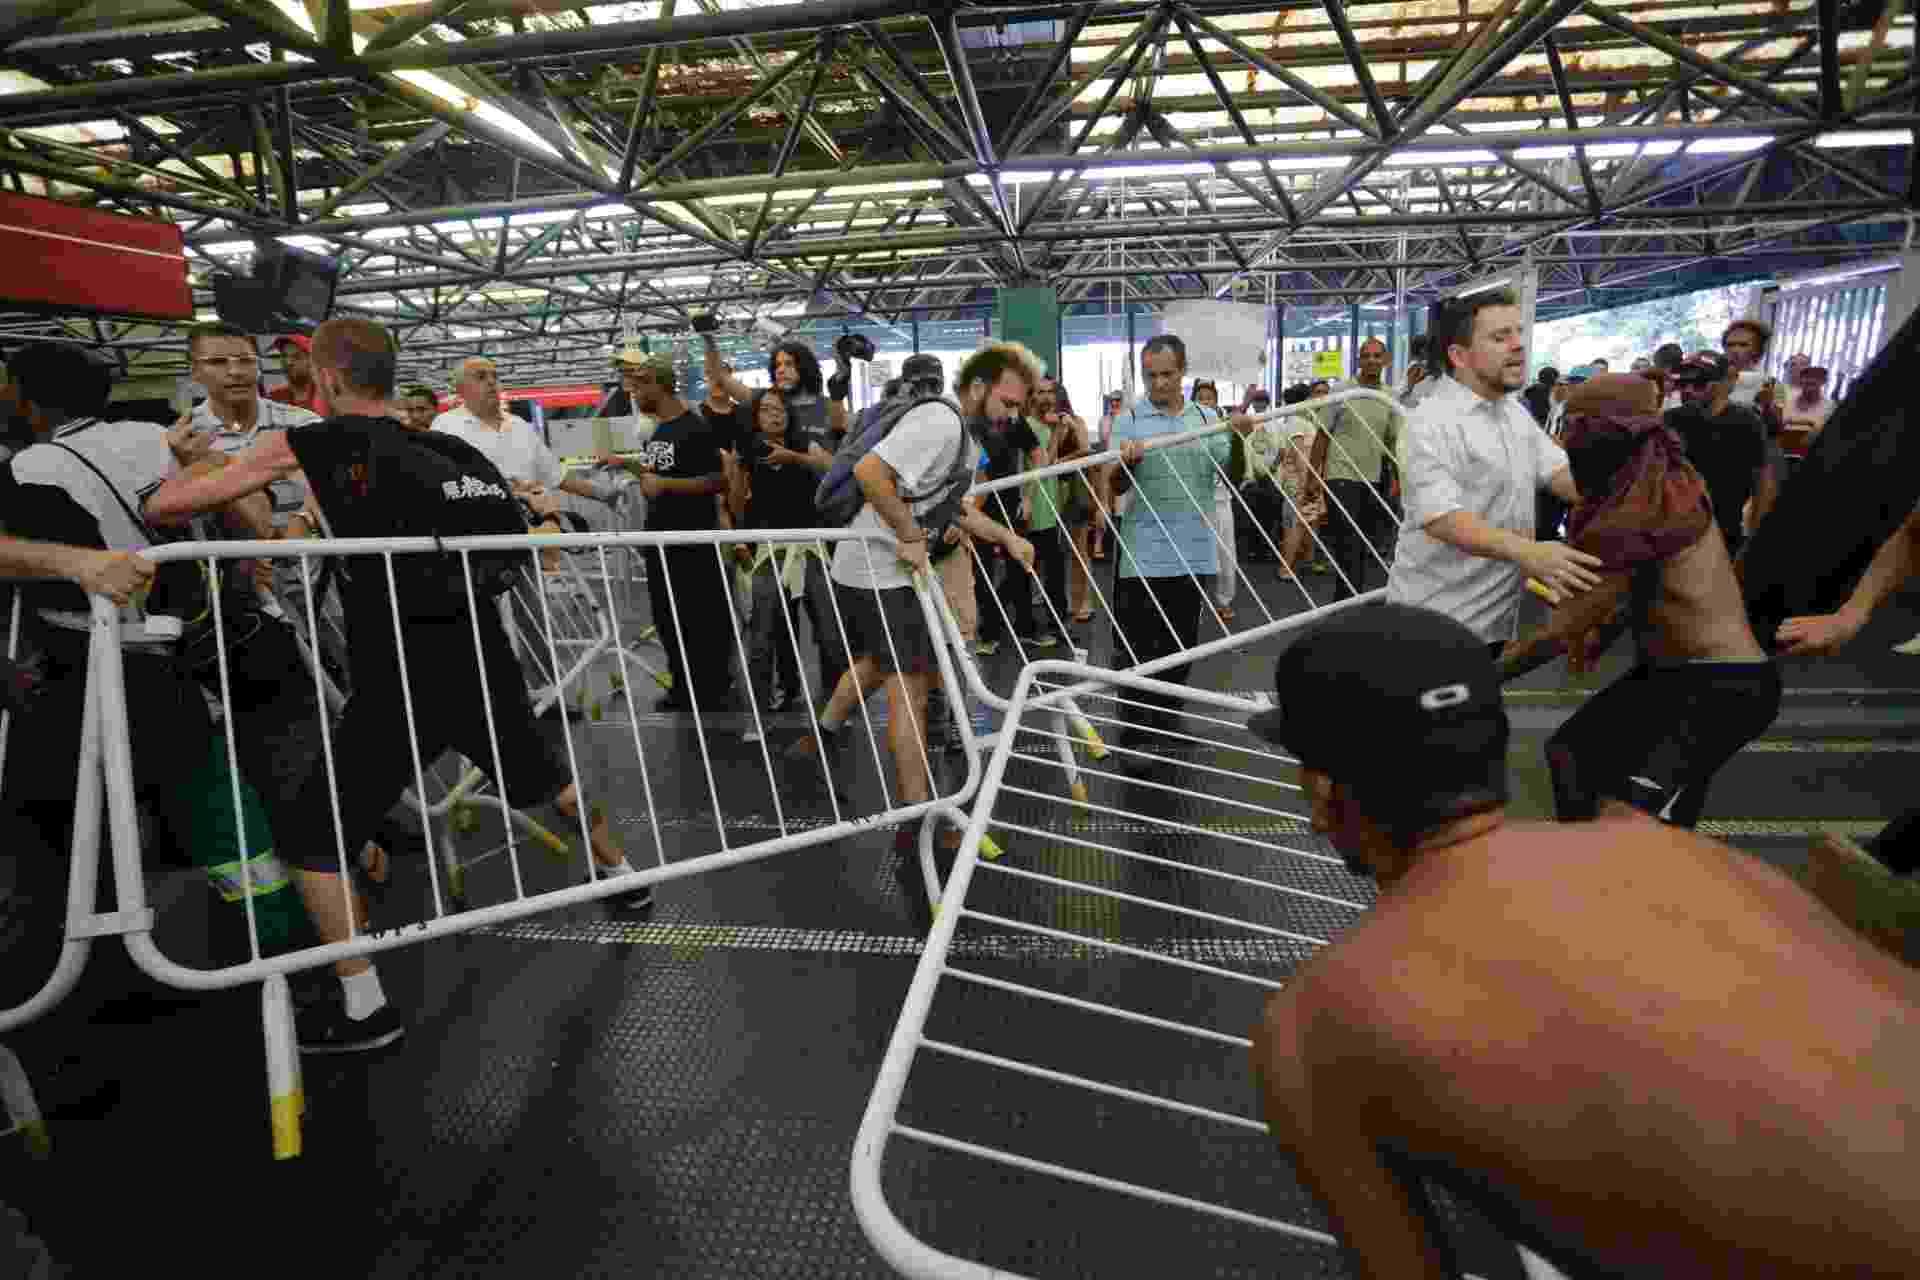 Manifestantes entram em confronto com funcionários do Metrô em ato contra a morte do ambulante Luiz Carlos Ruas na estação Pedro 2º, na região central da capital paulista - Nelson Antoine/FramePhoto/Estadão Conteúdo